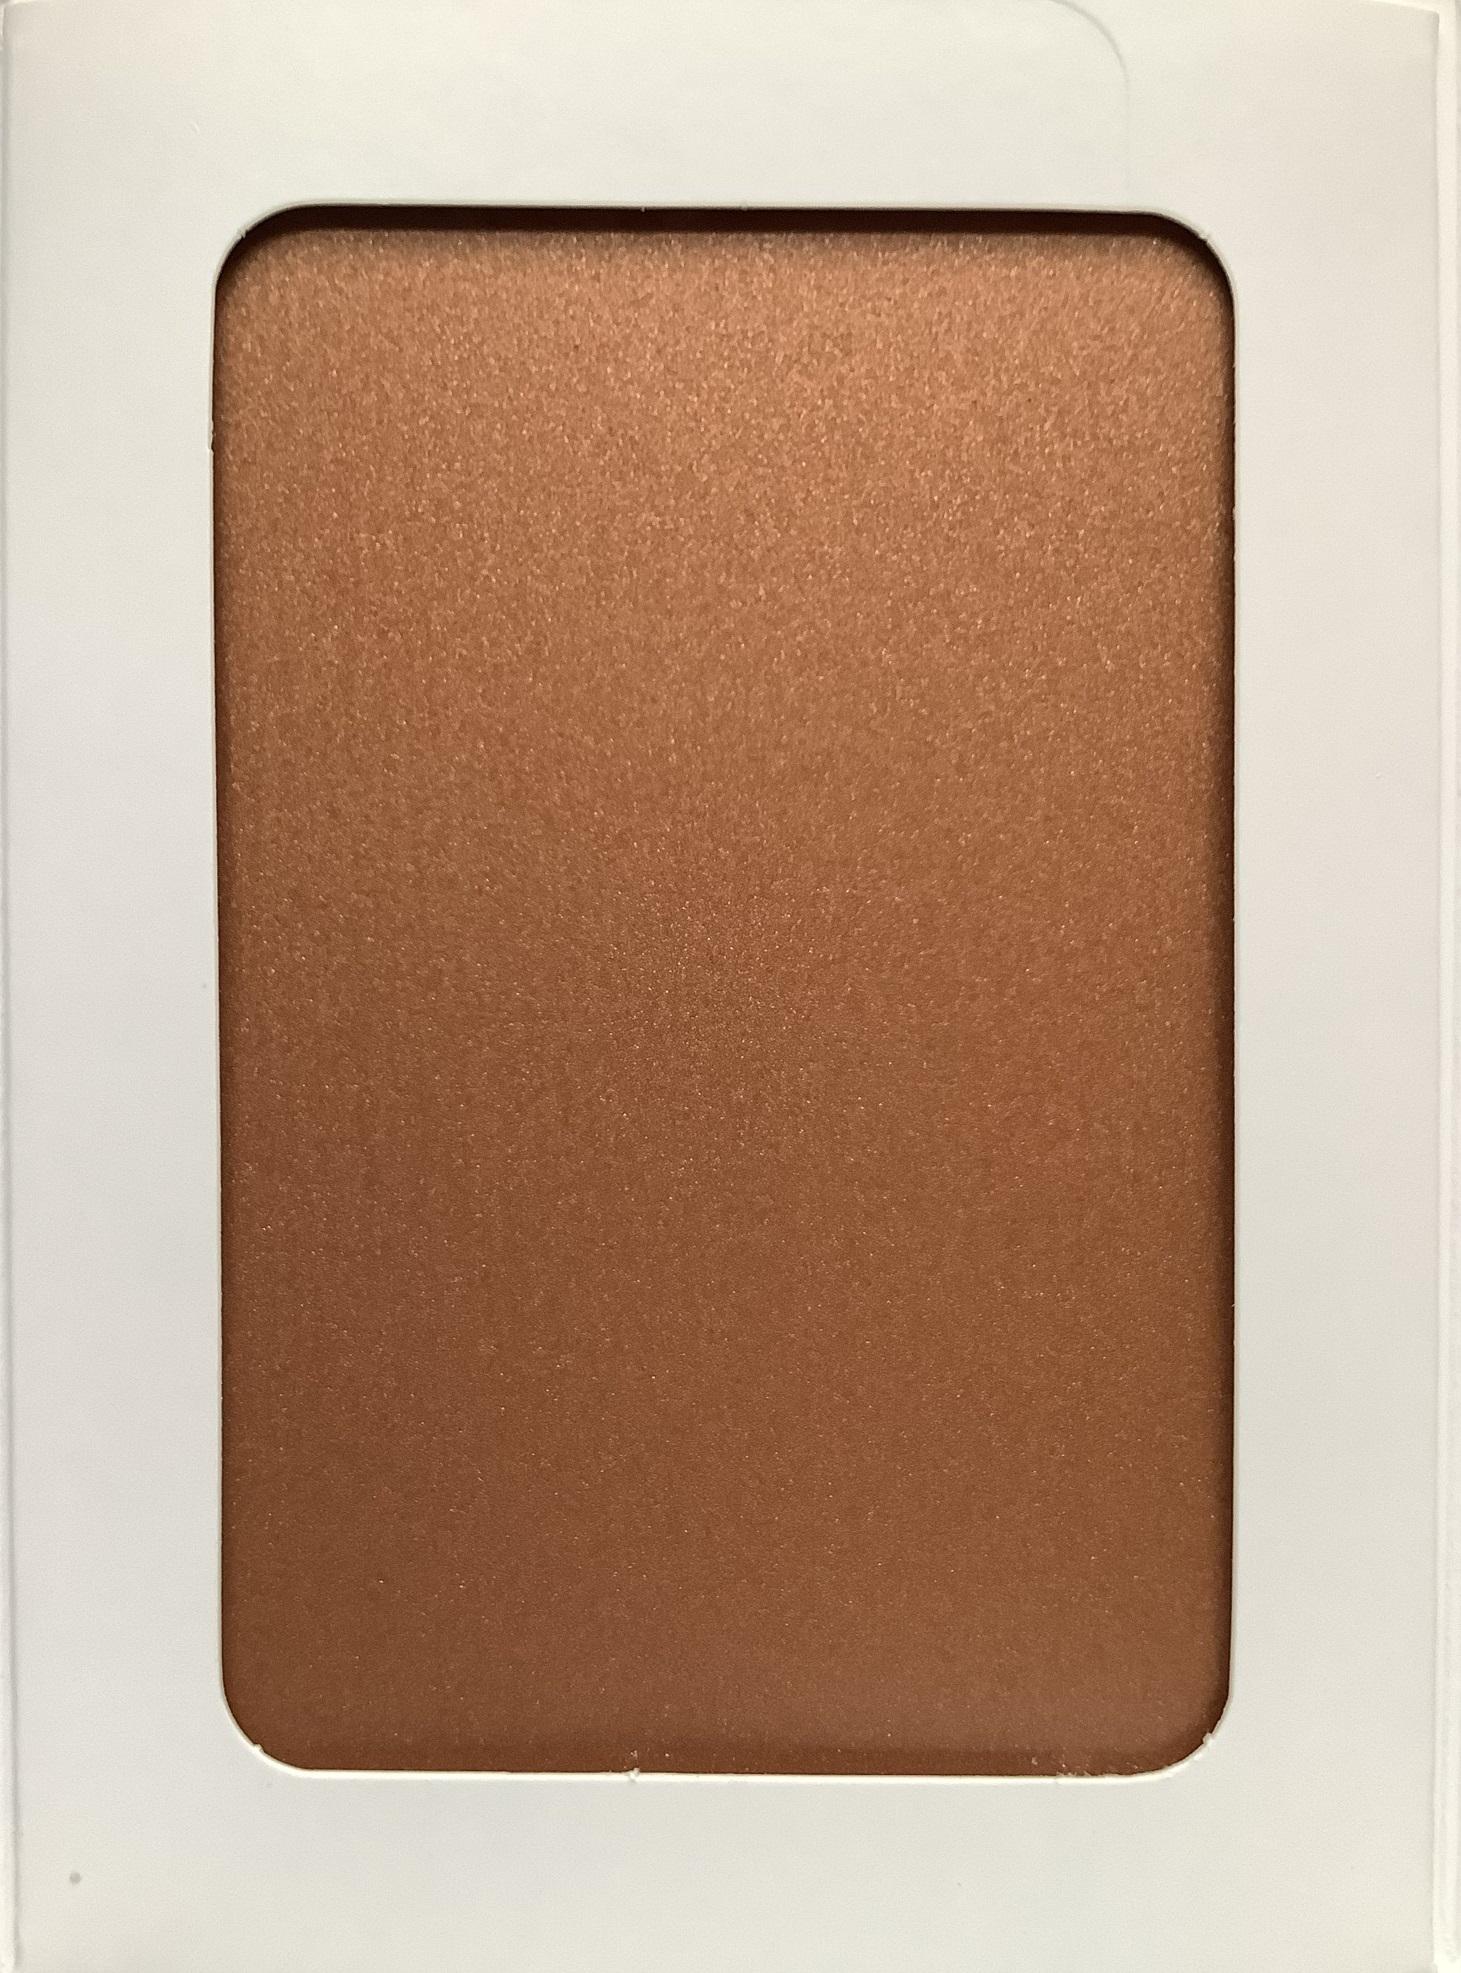 Aluminum – Metallic Copper